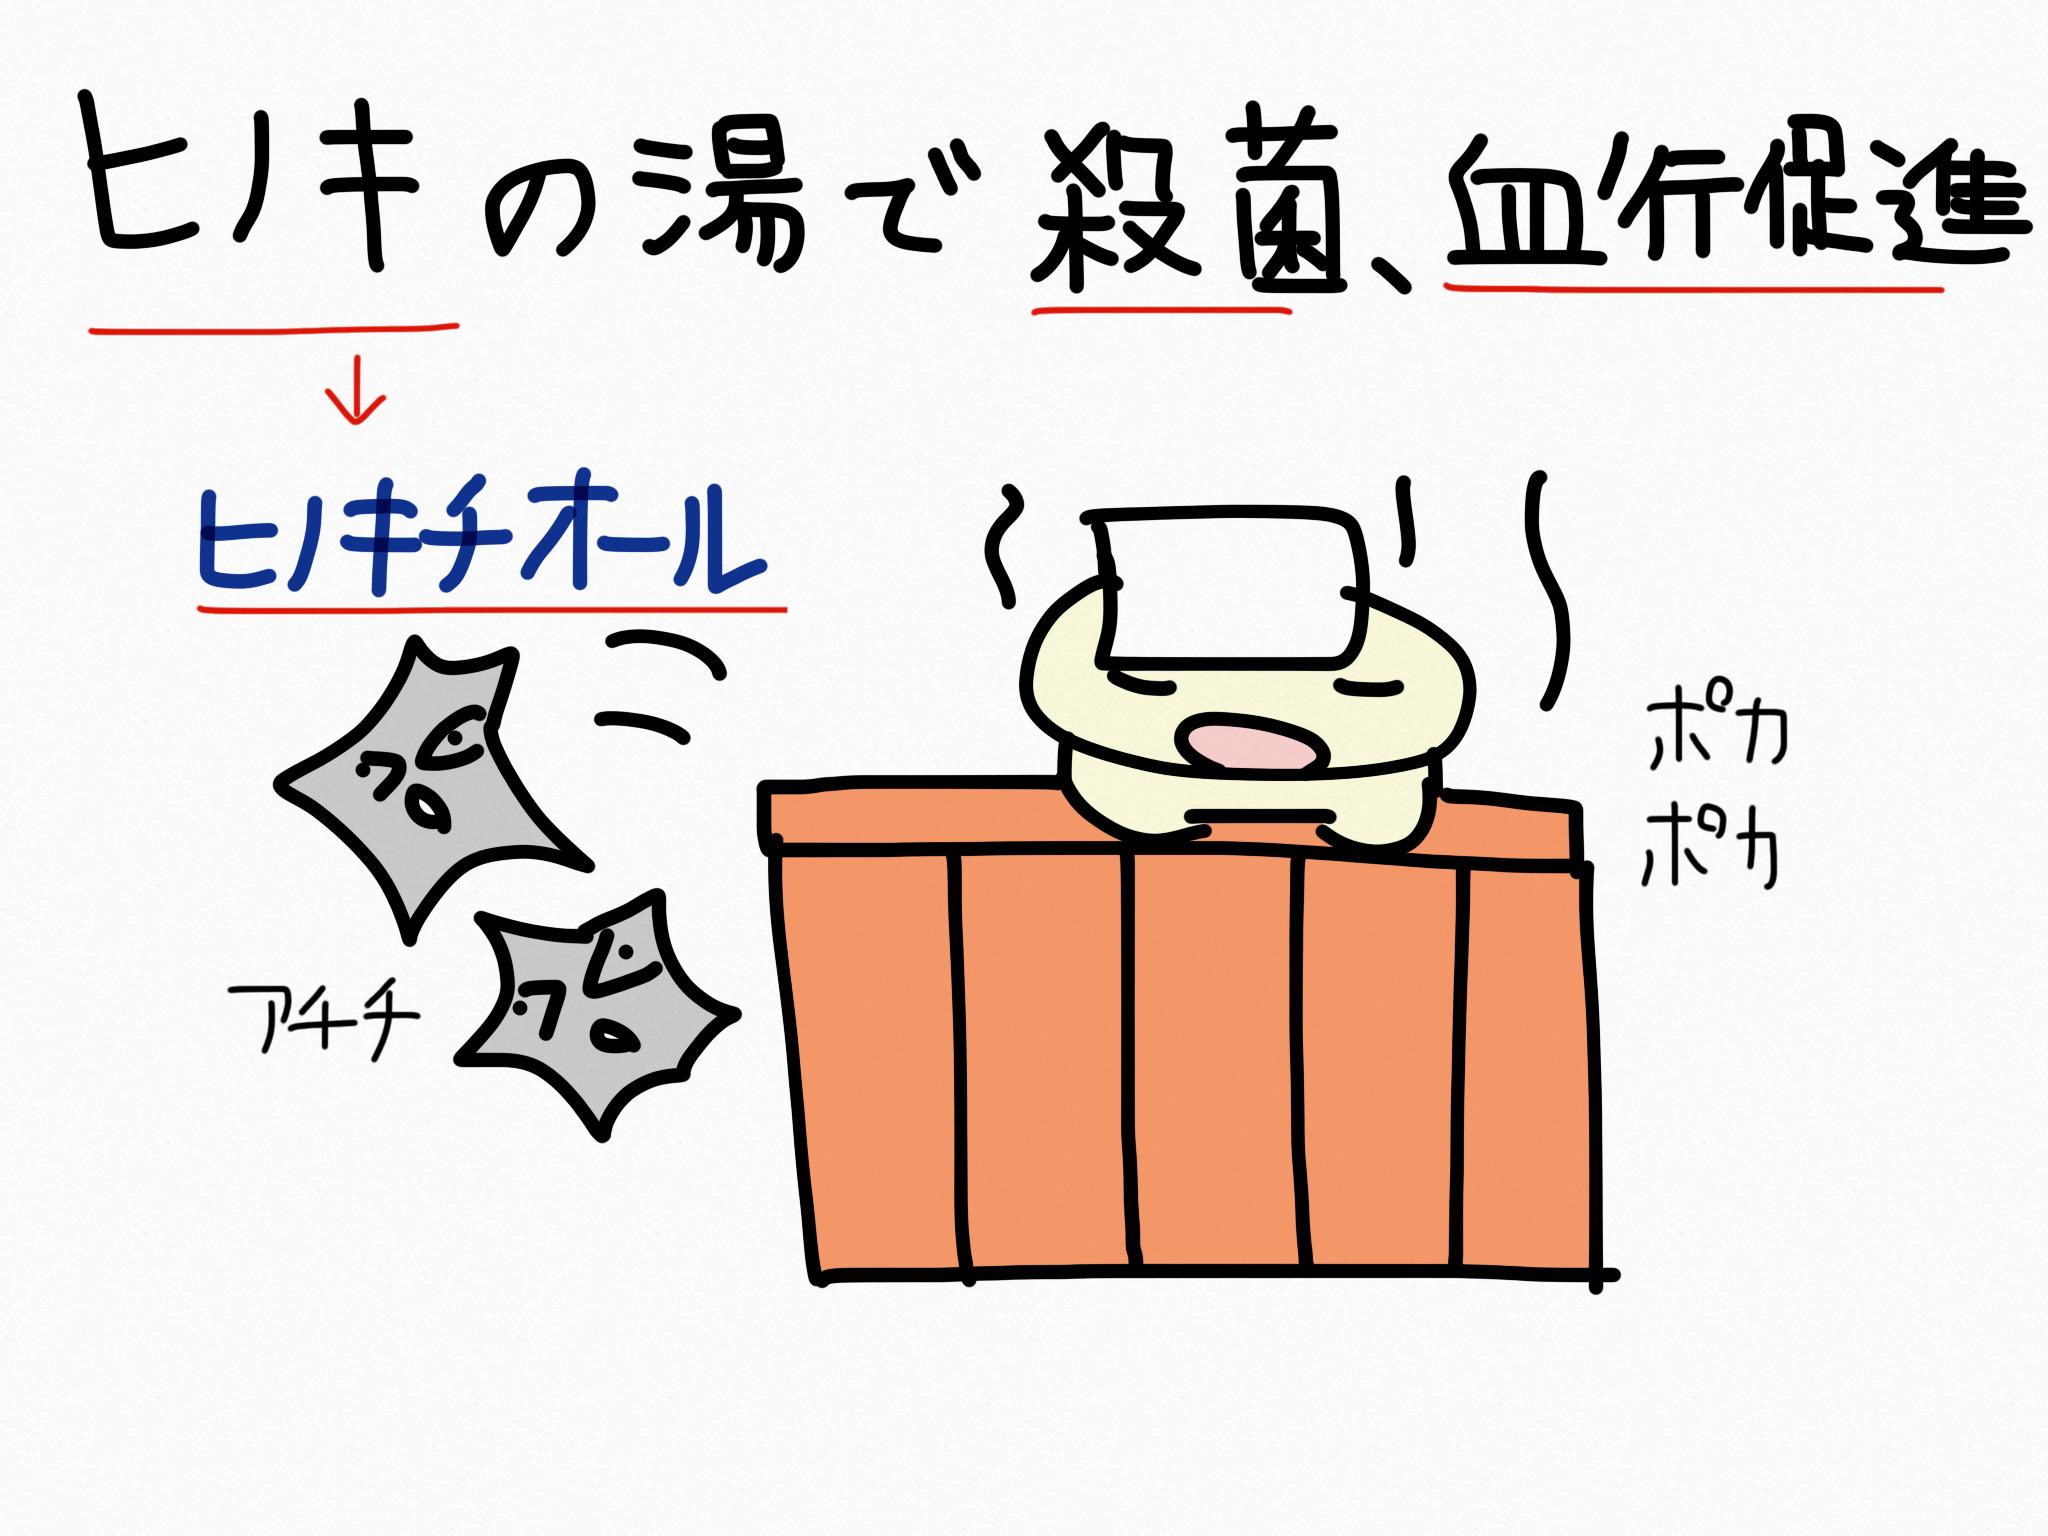 ヒノキチオール[毛髪用薬他]生薬の覚え方・暗記方法・語呂合わせ